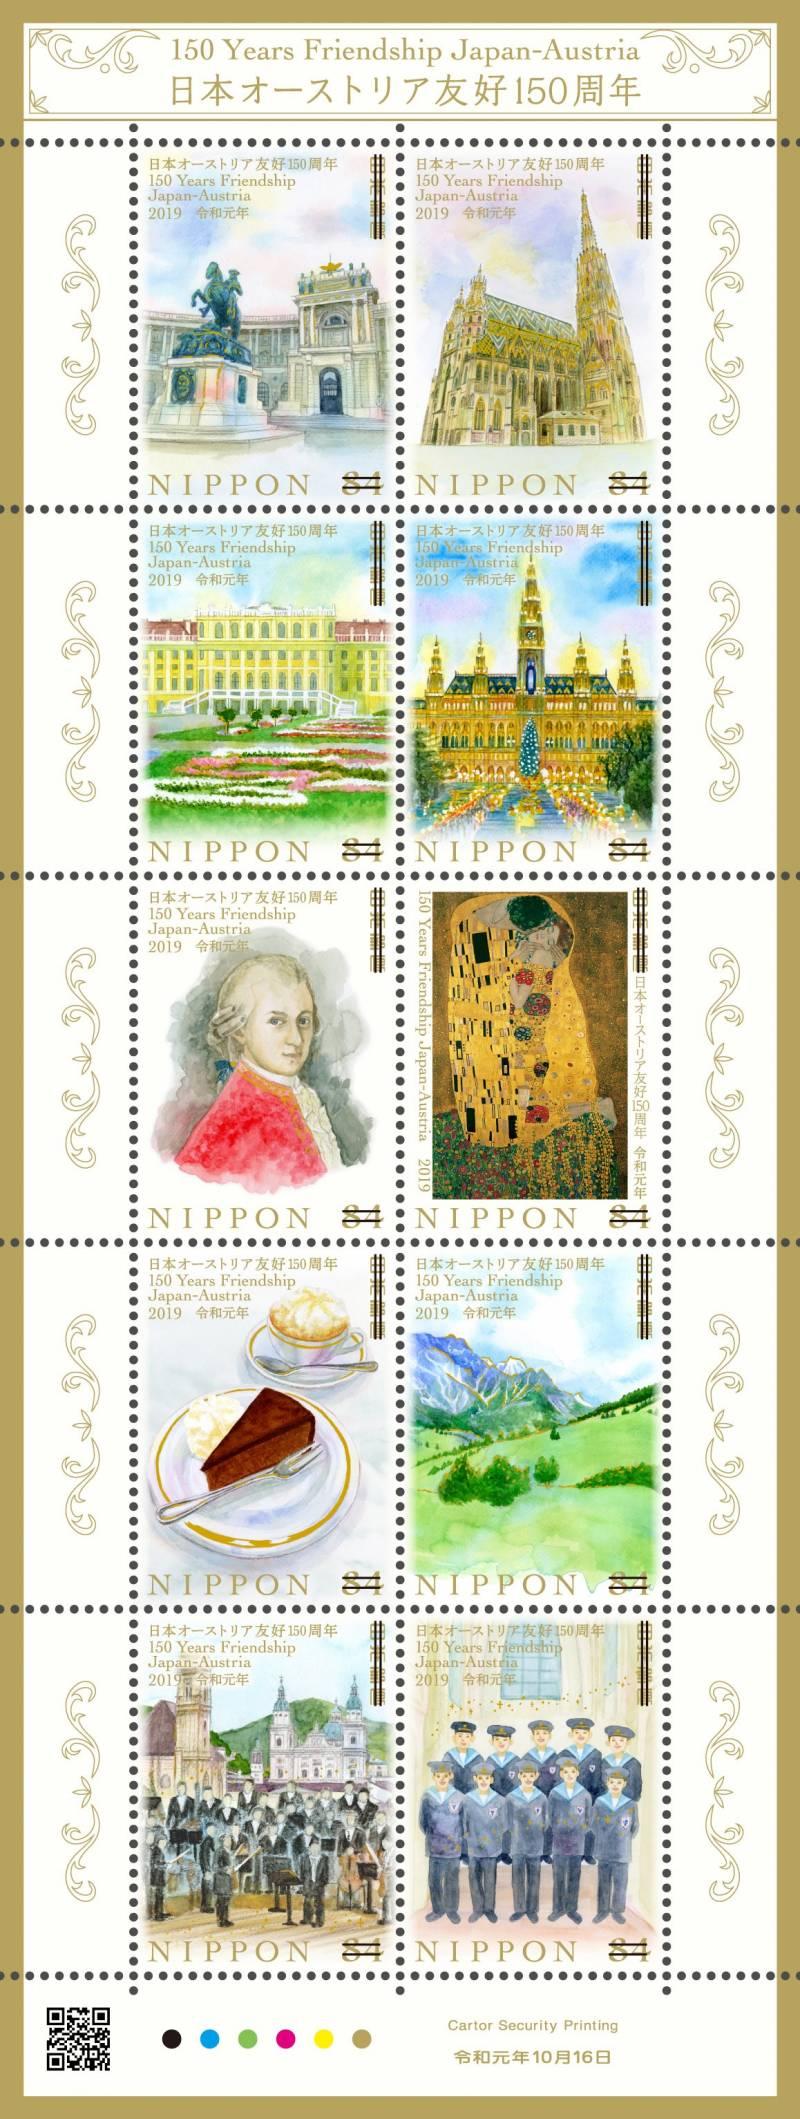 「日本・オーストリア友好150周年」記念切手はいかがでしょうか?